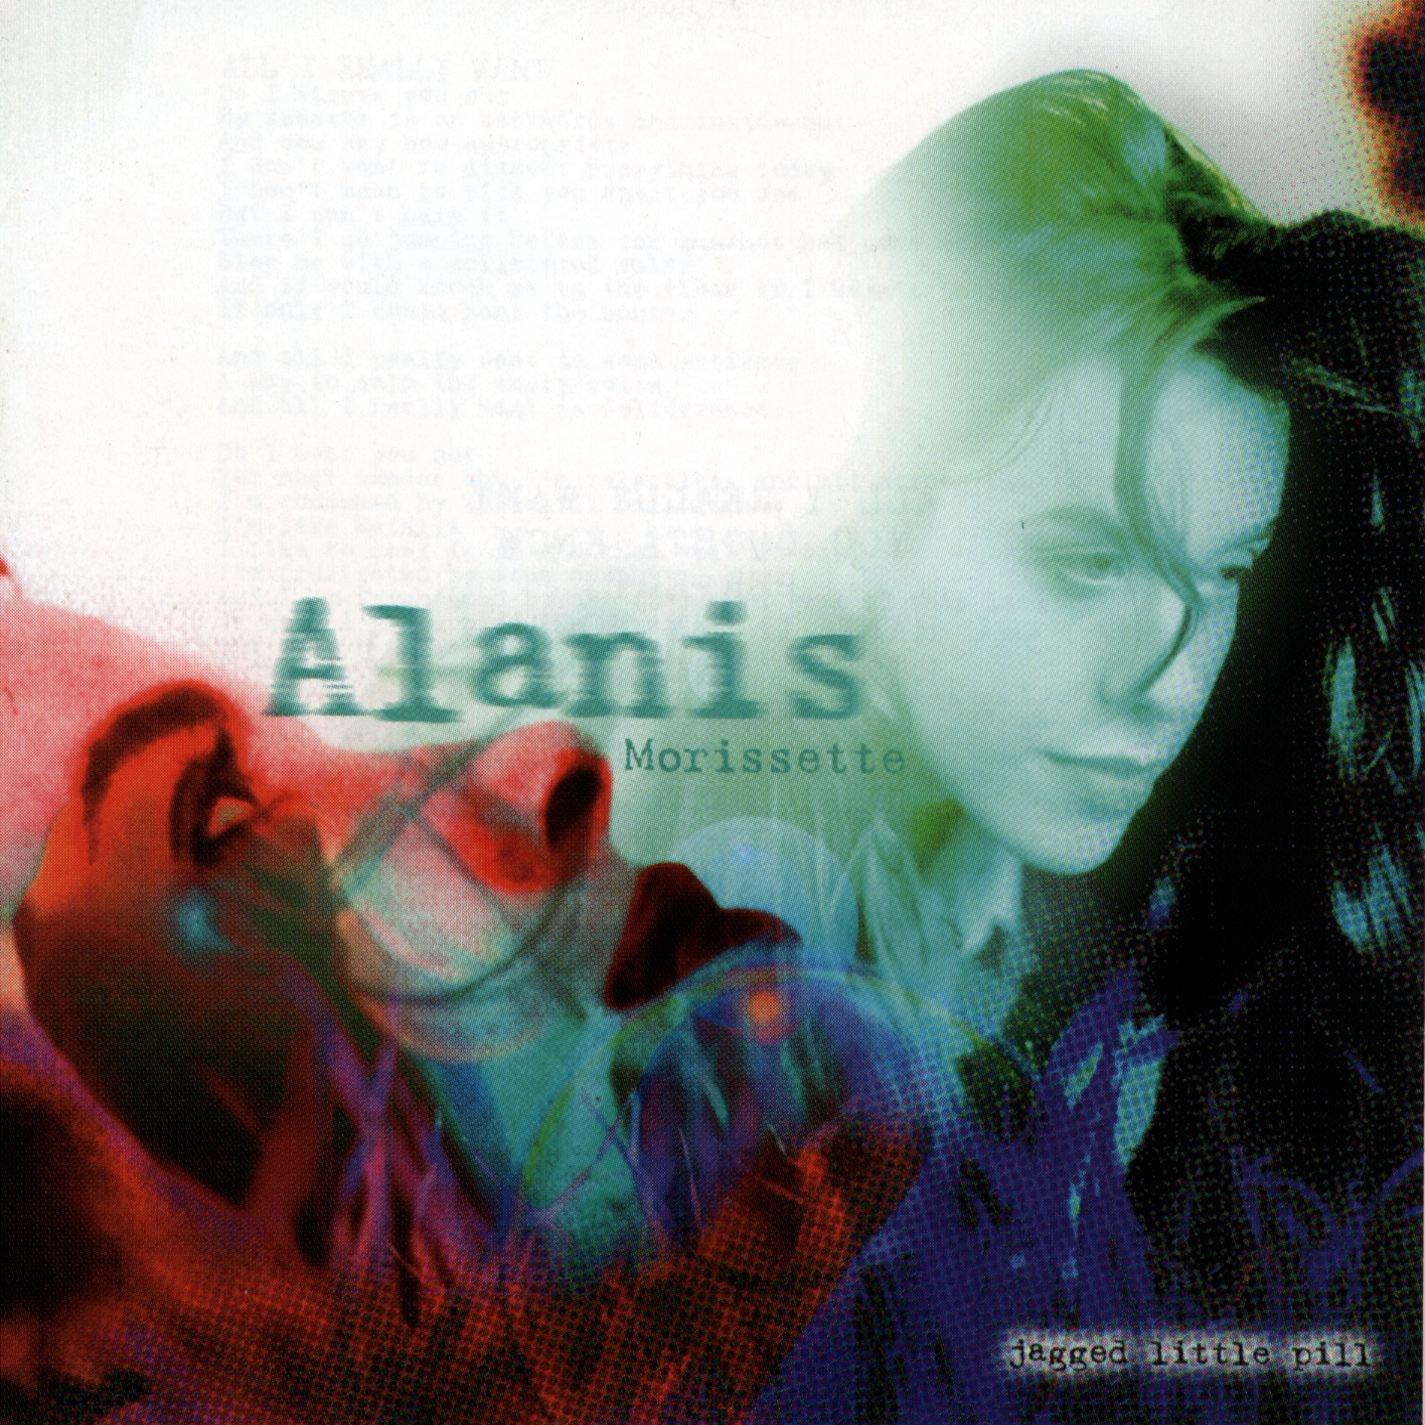 Vinilo : Alanis Morissette - Jagged Little Pill (180 Gram Vinyl)